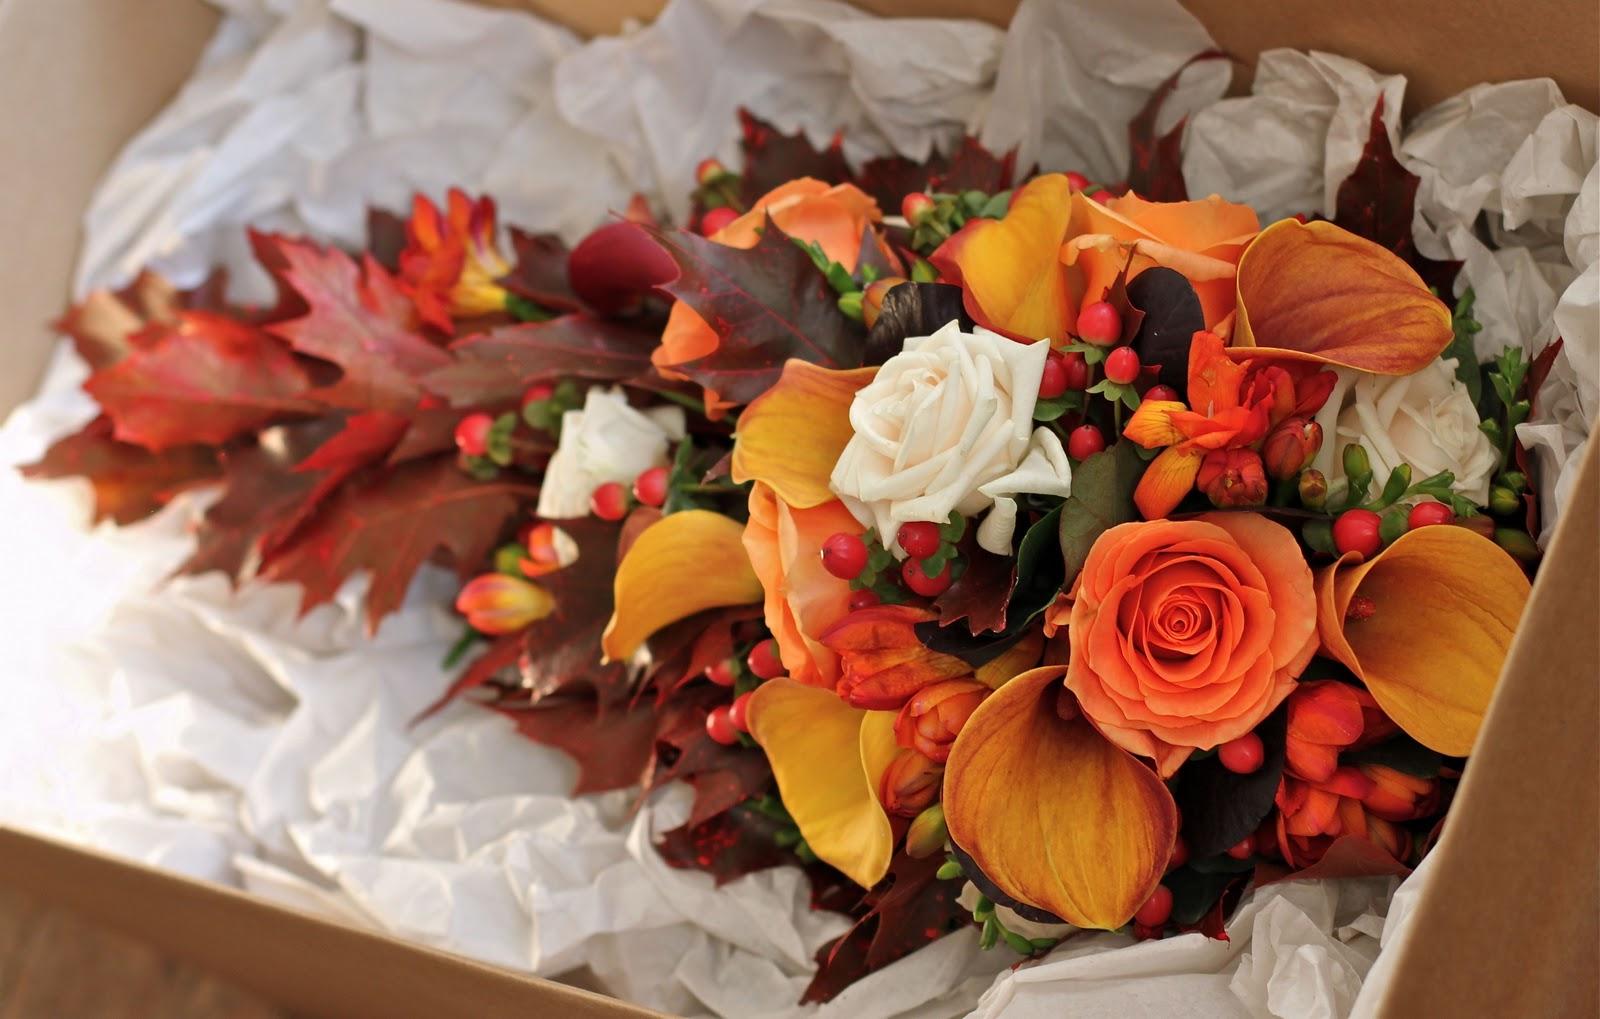 Autumn Bridal Shower Decorations